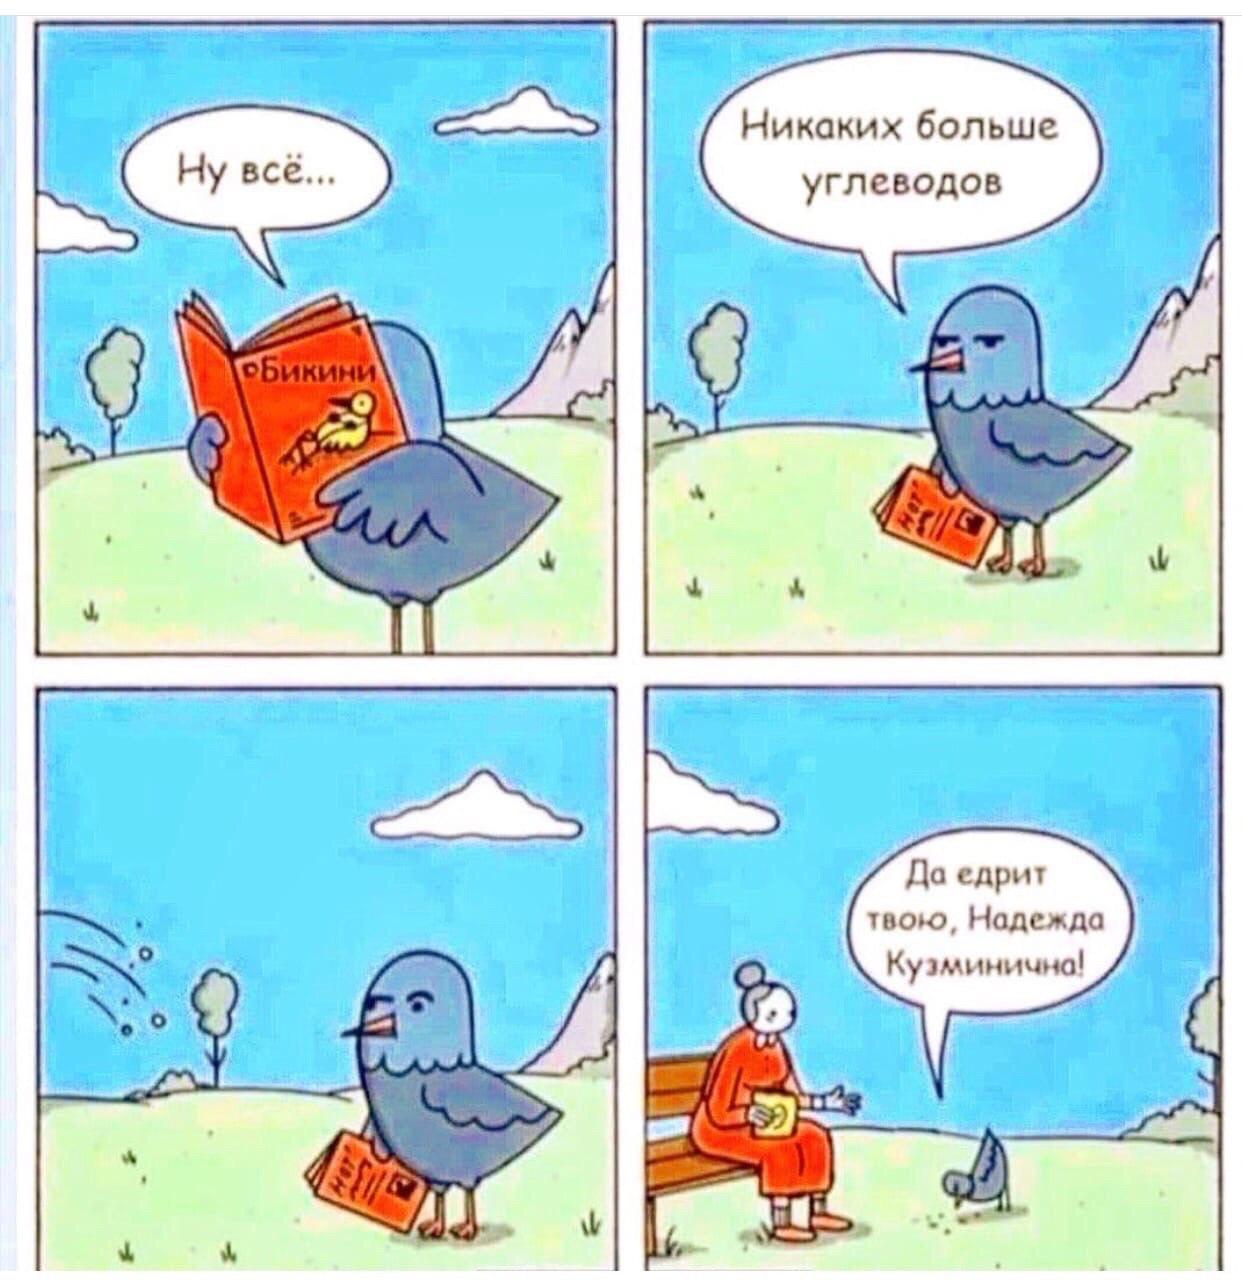 Чертова Надежда Кузминична..